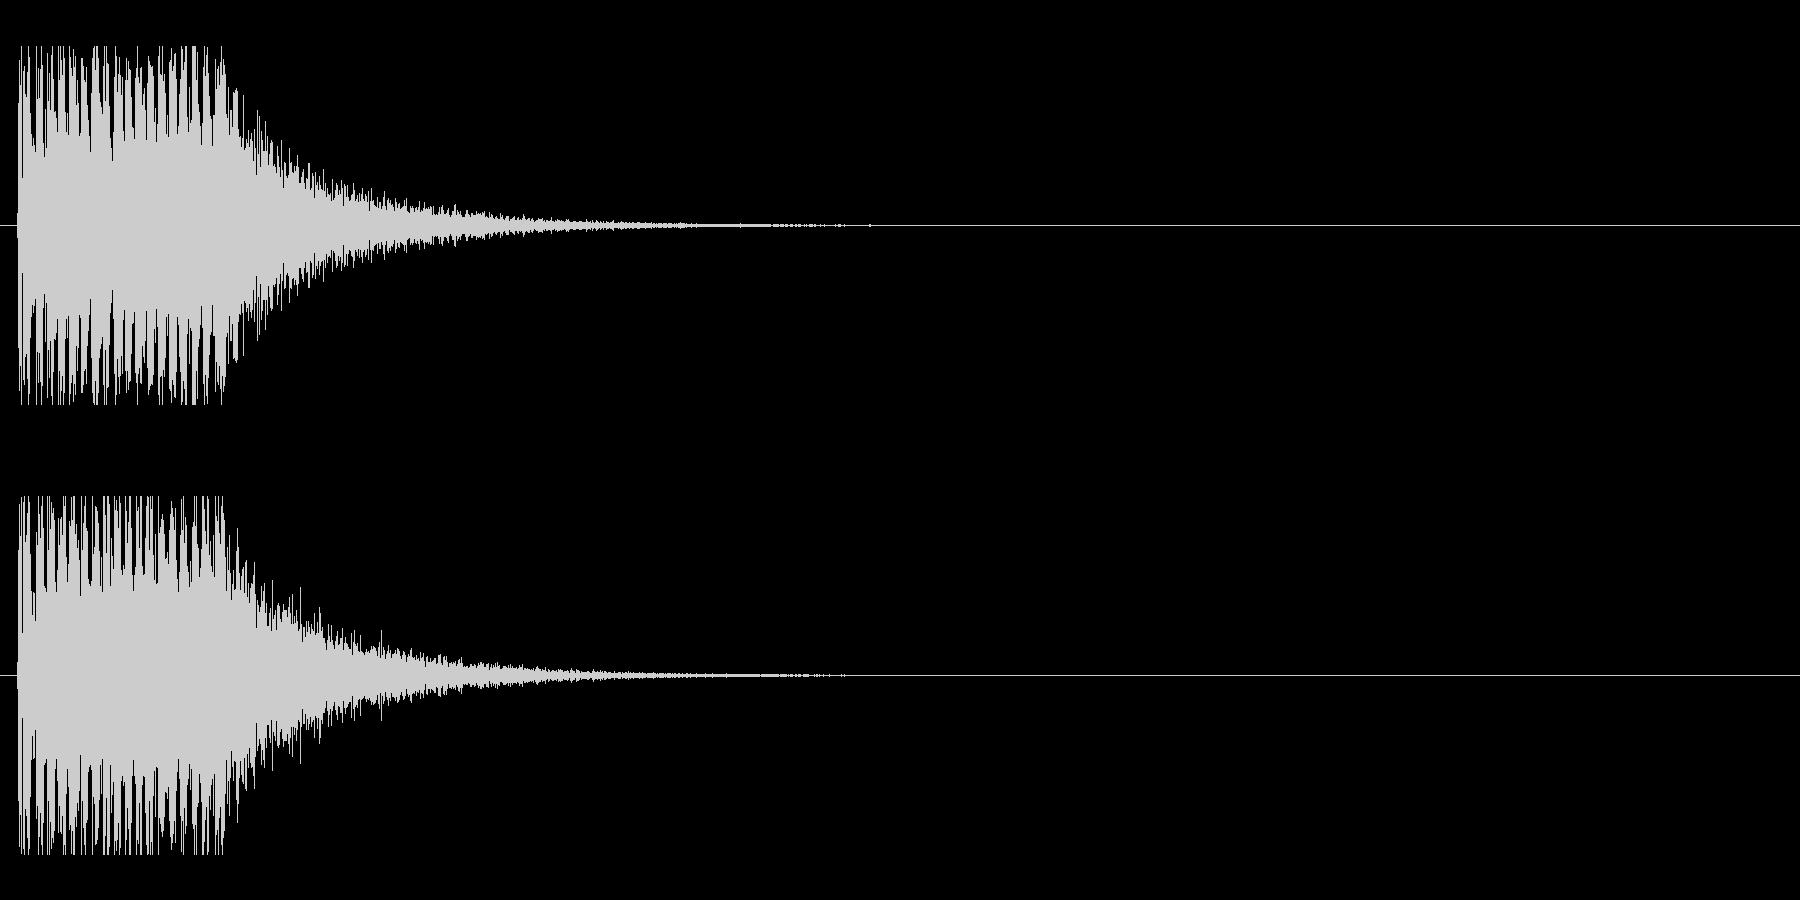 レーザー音-151-1の未再生の波形